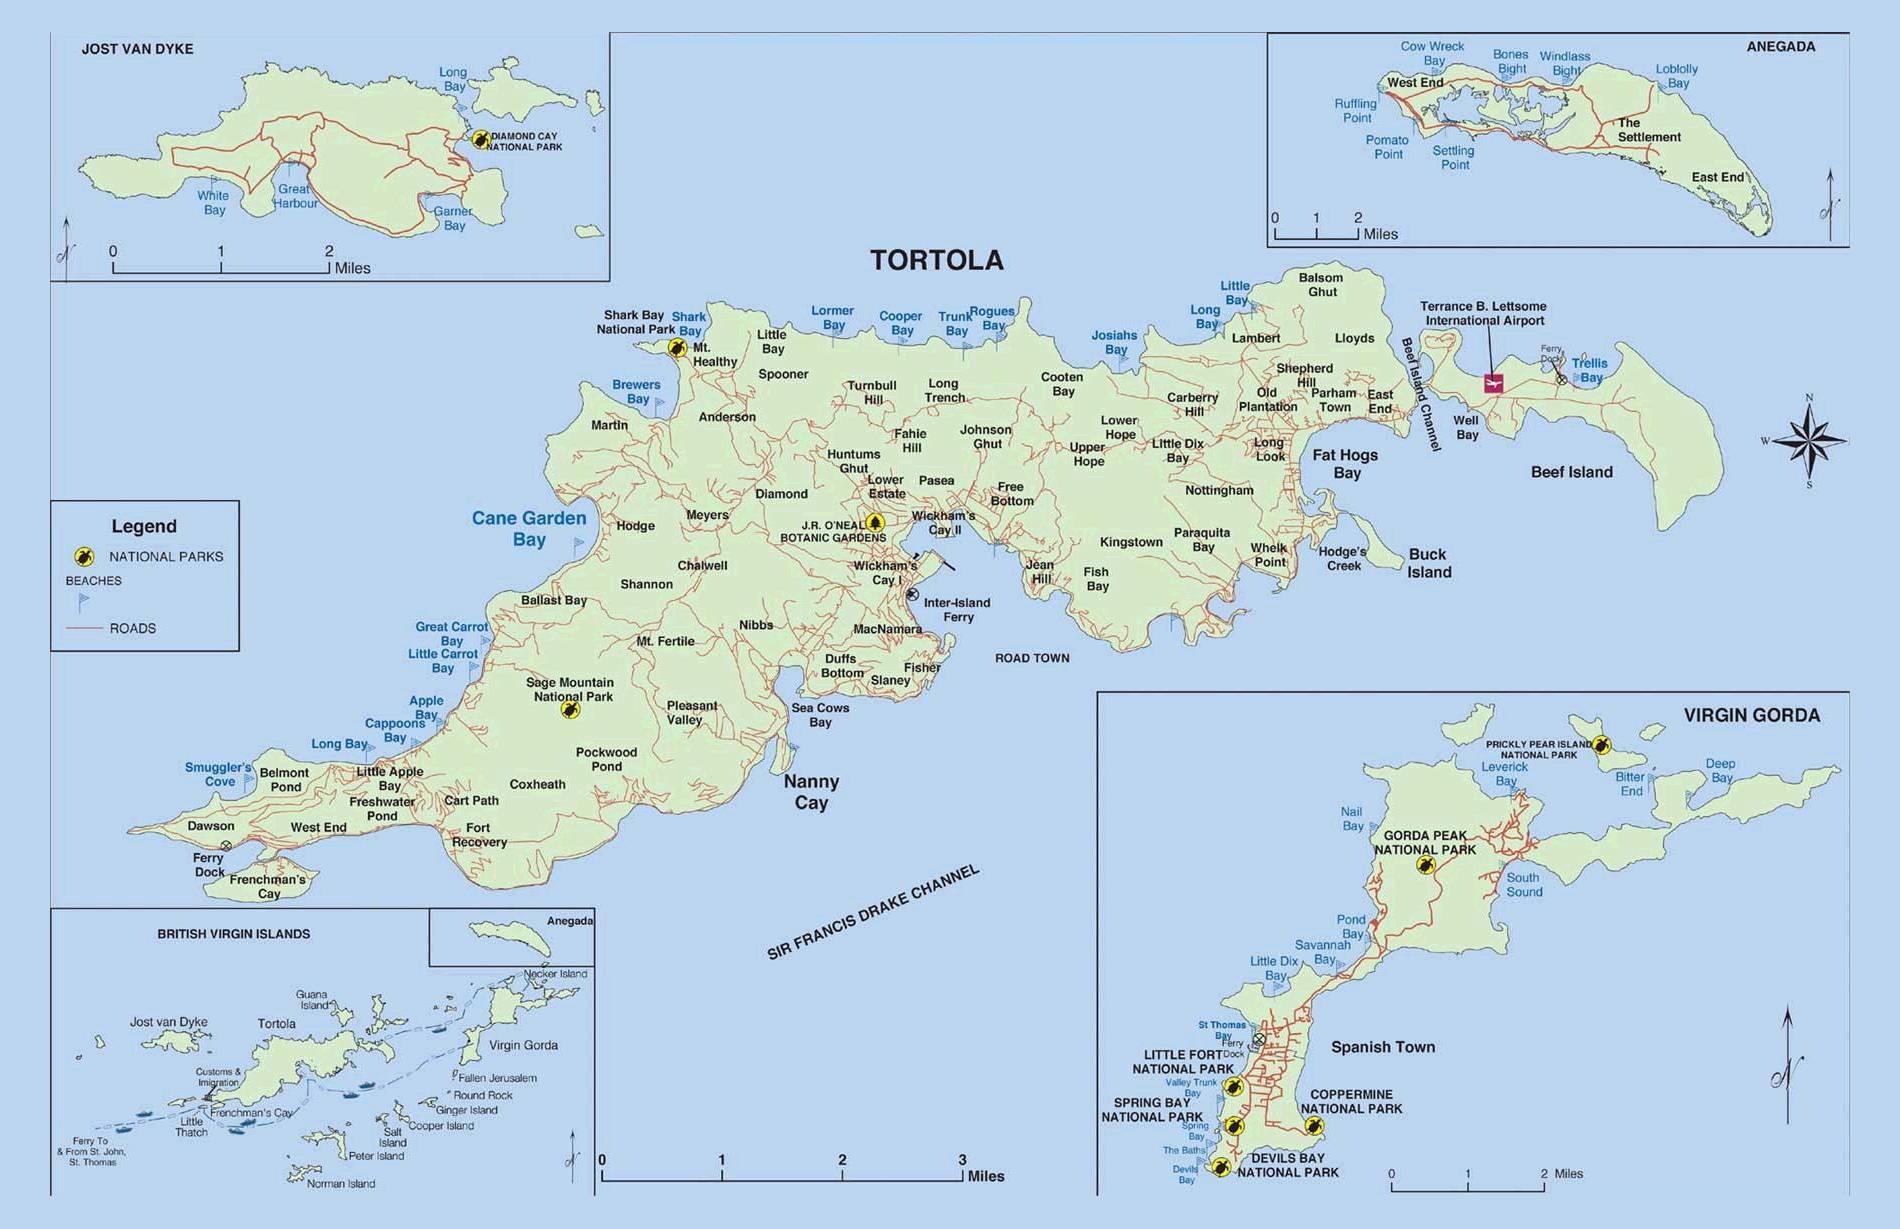 Carte routière des Îles Vierges Britanniques